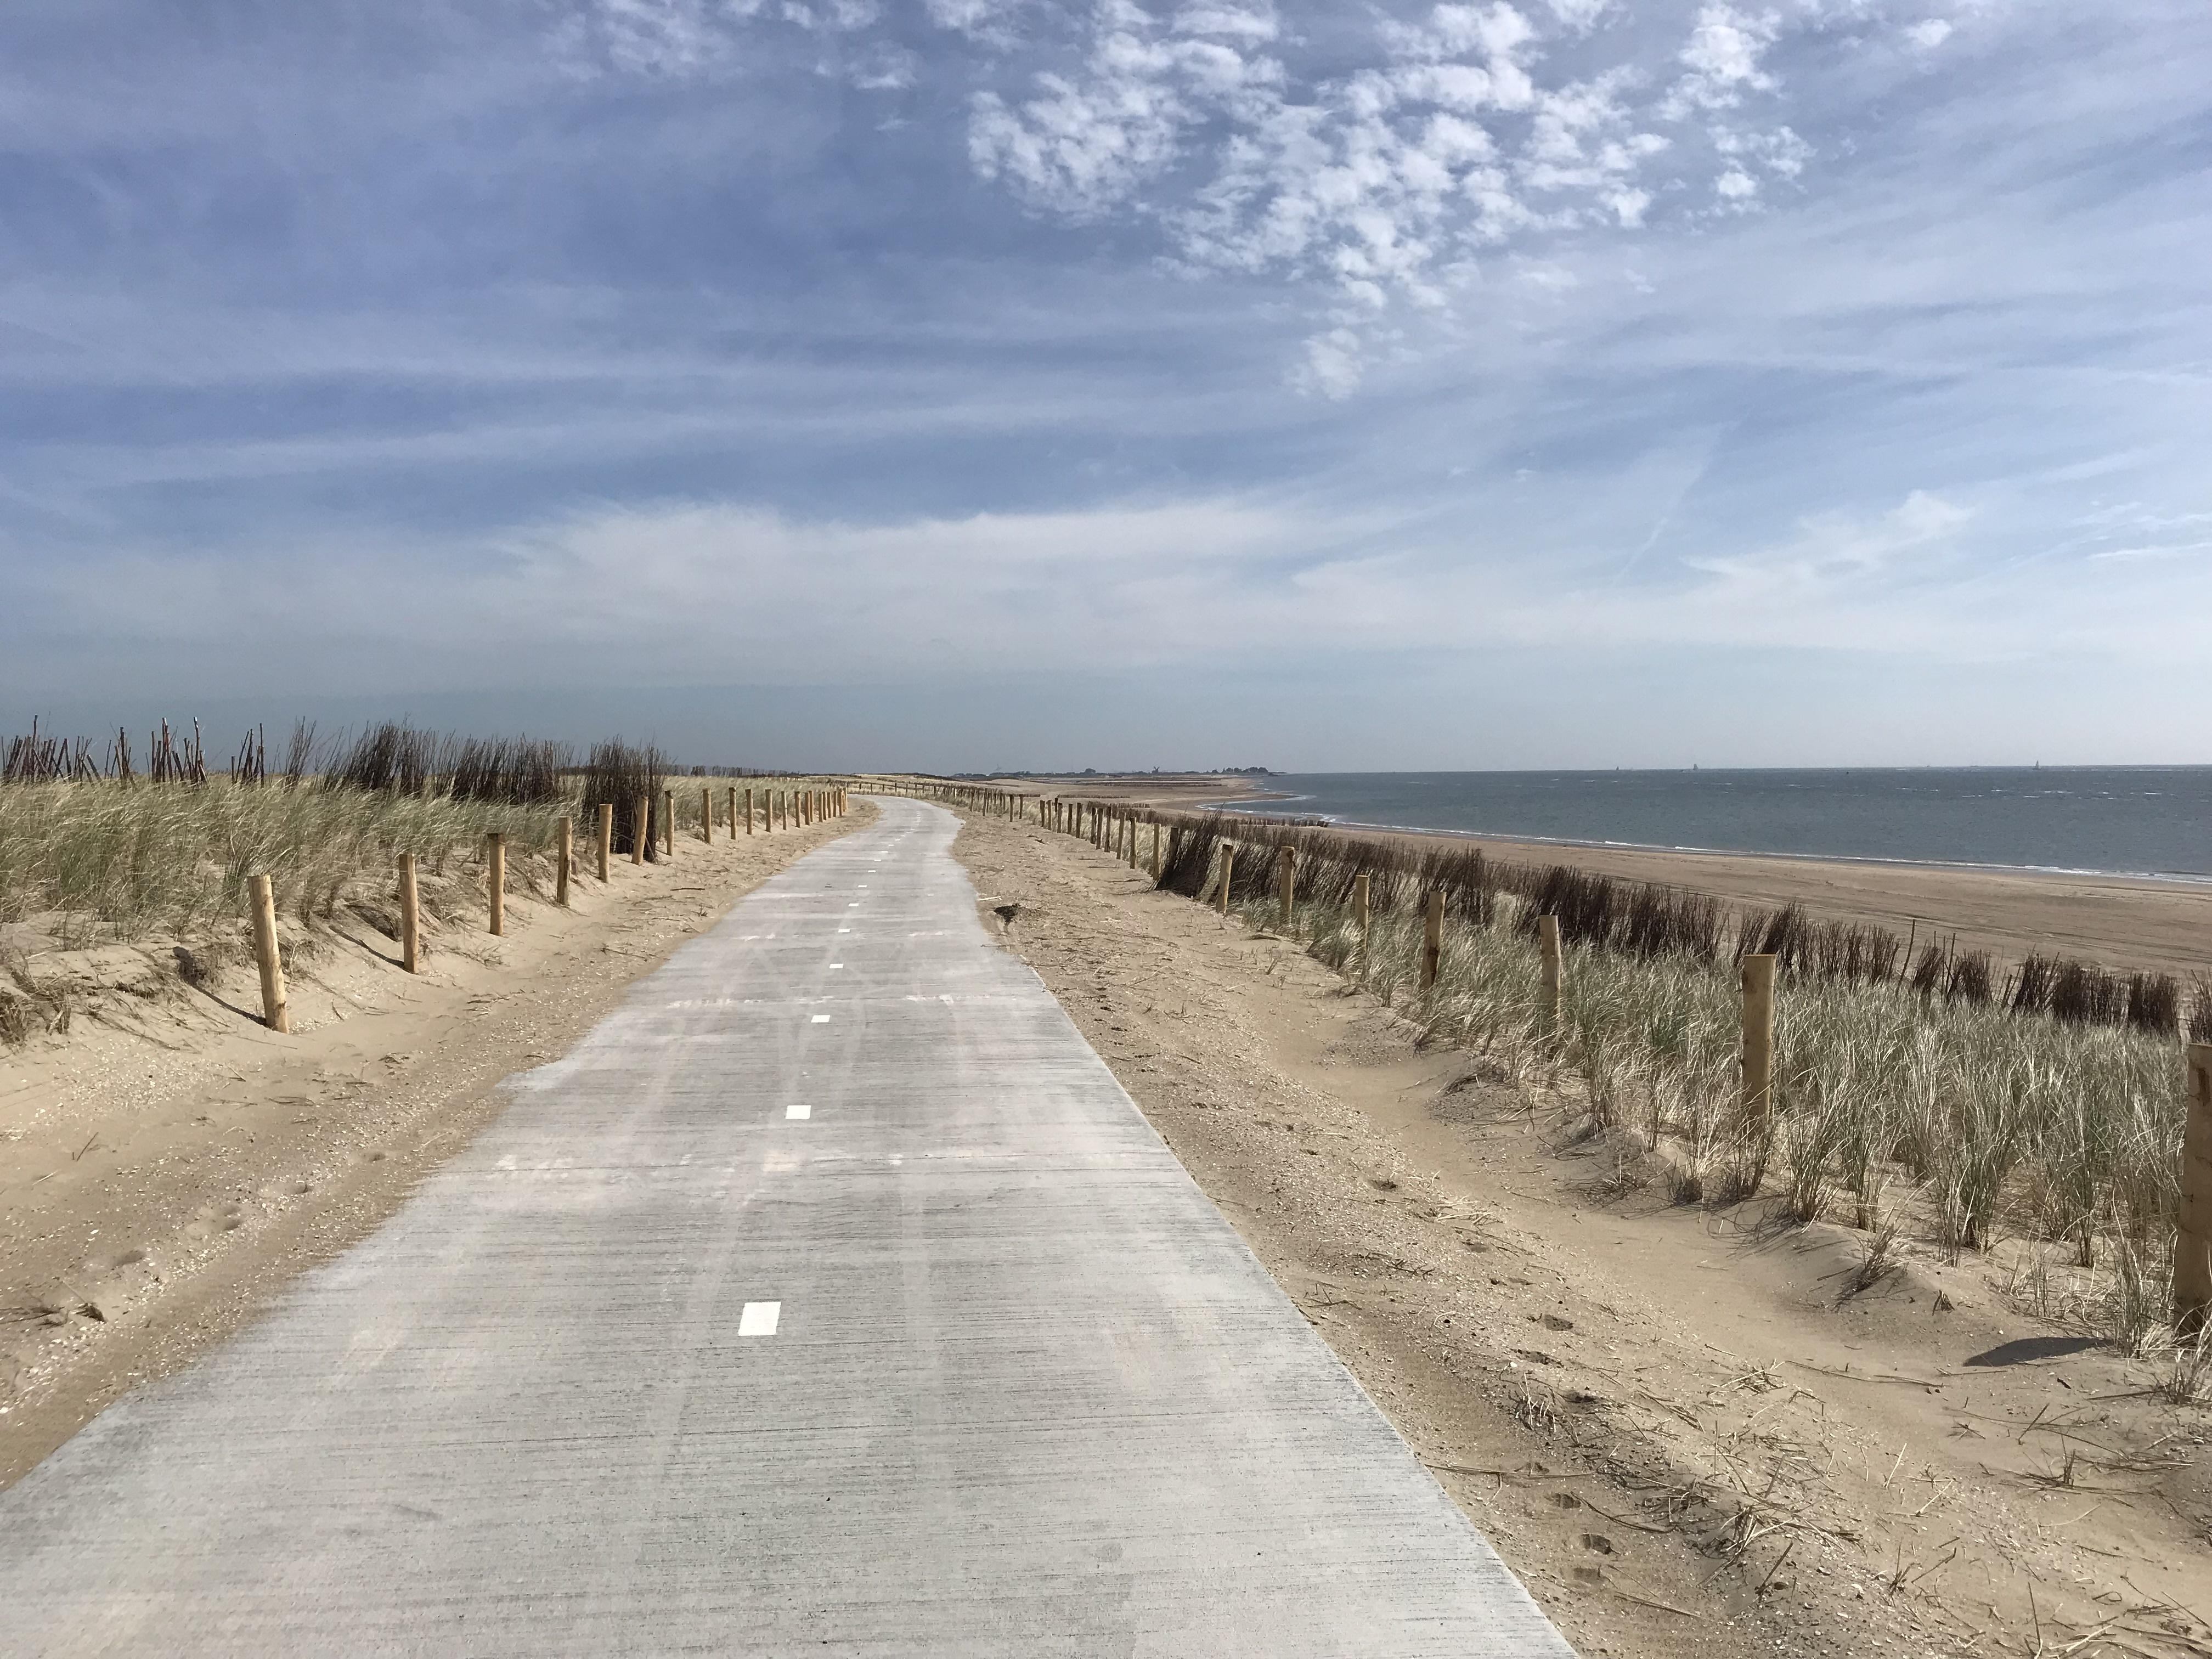 Nieuw fietspad in nieuw natuurgebied Prins Hendrikzanddijk VVV Texel